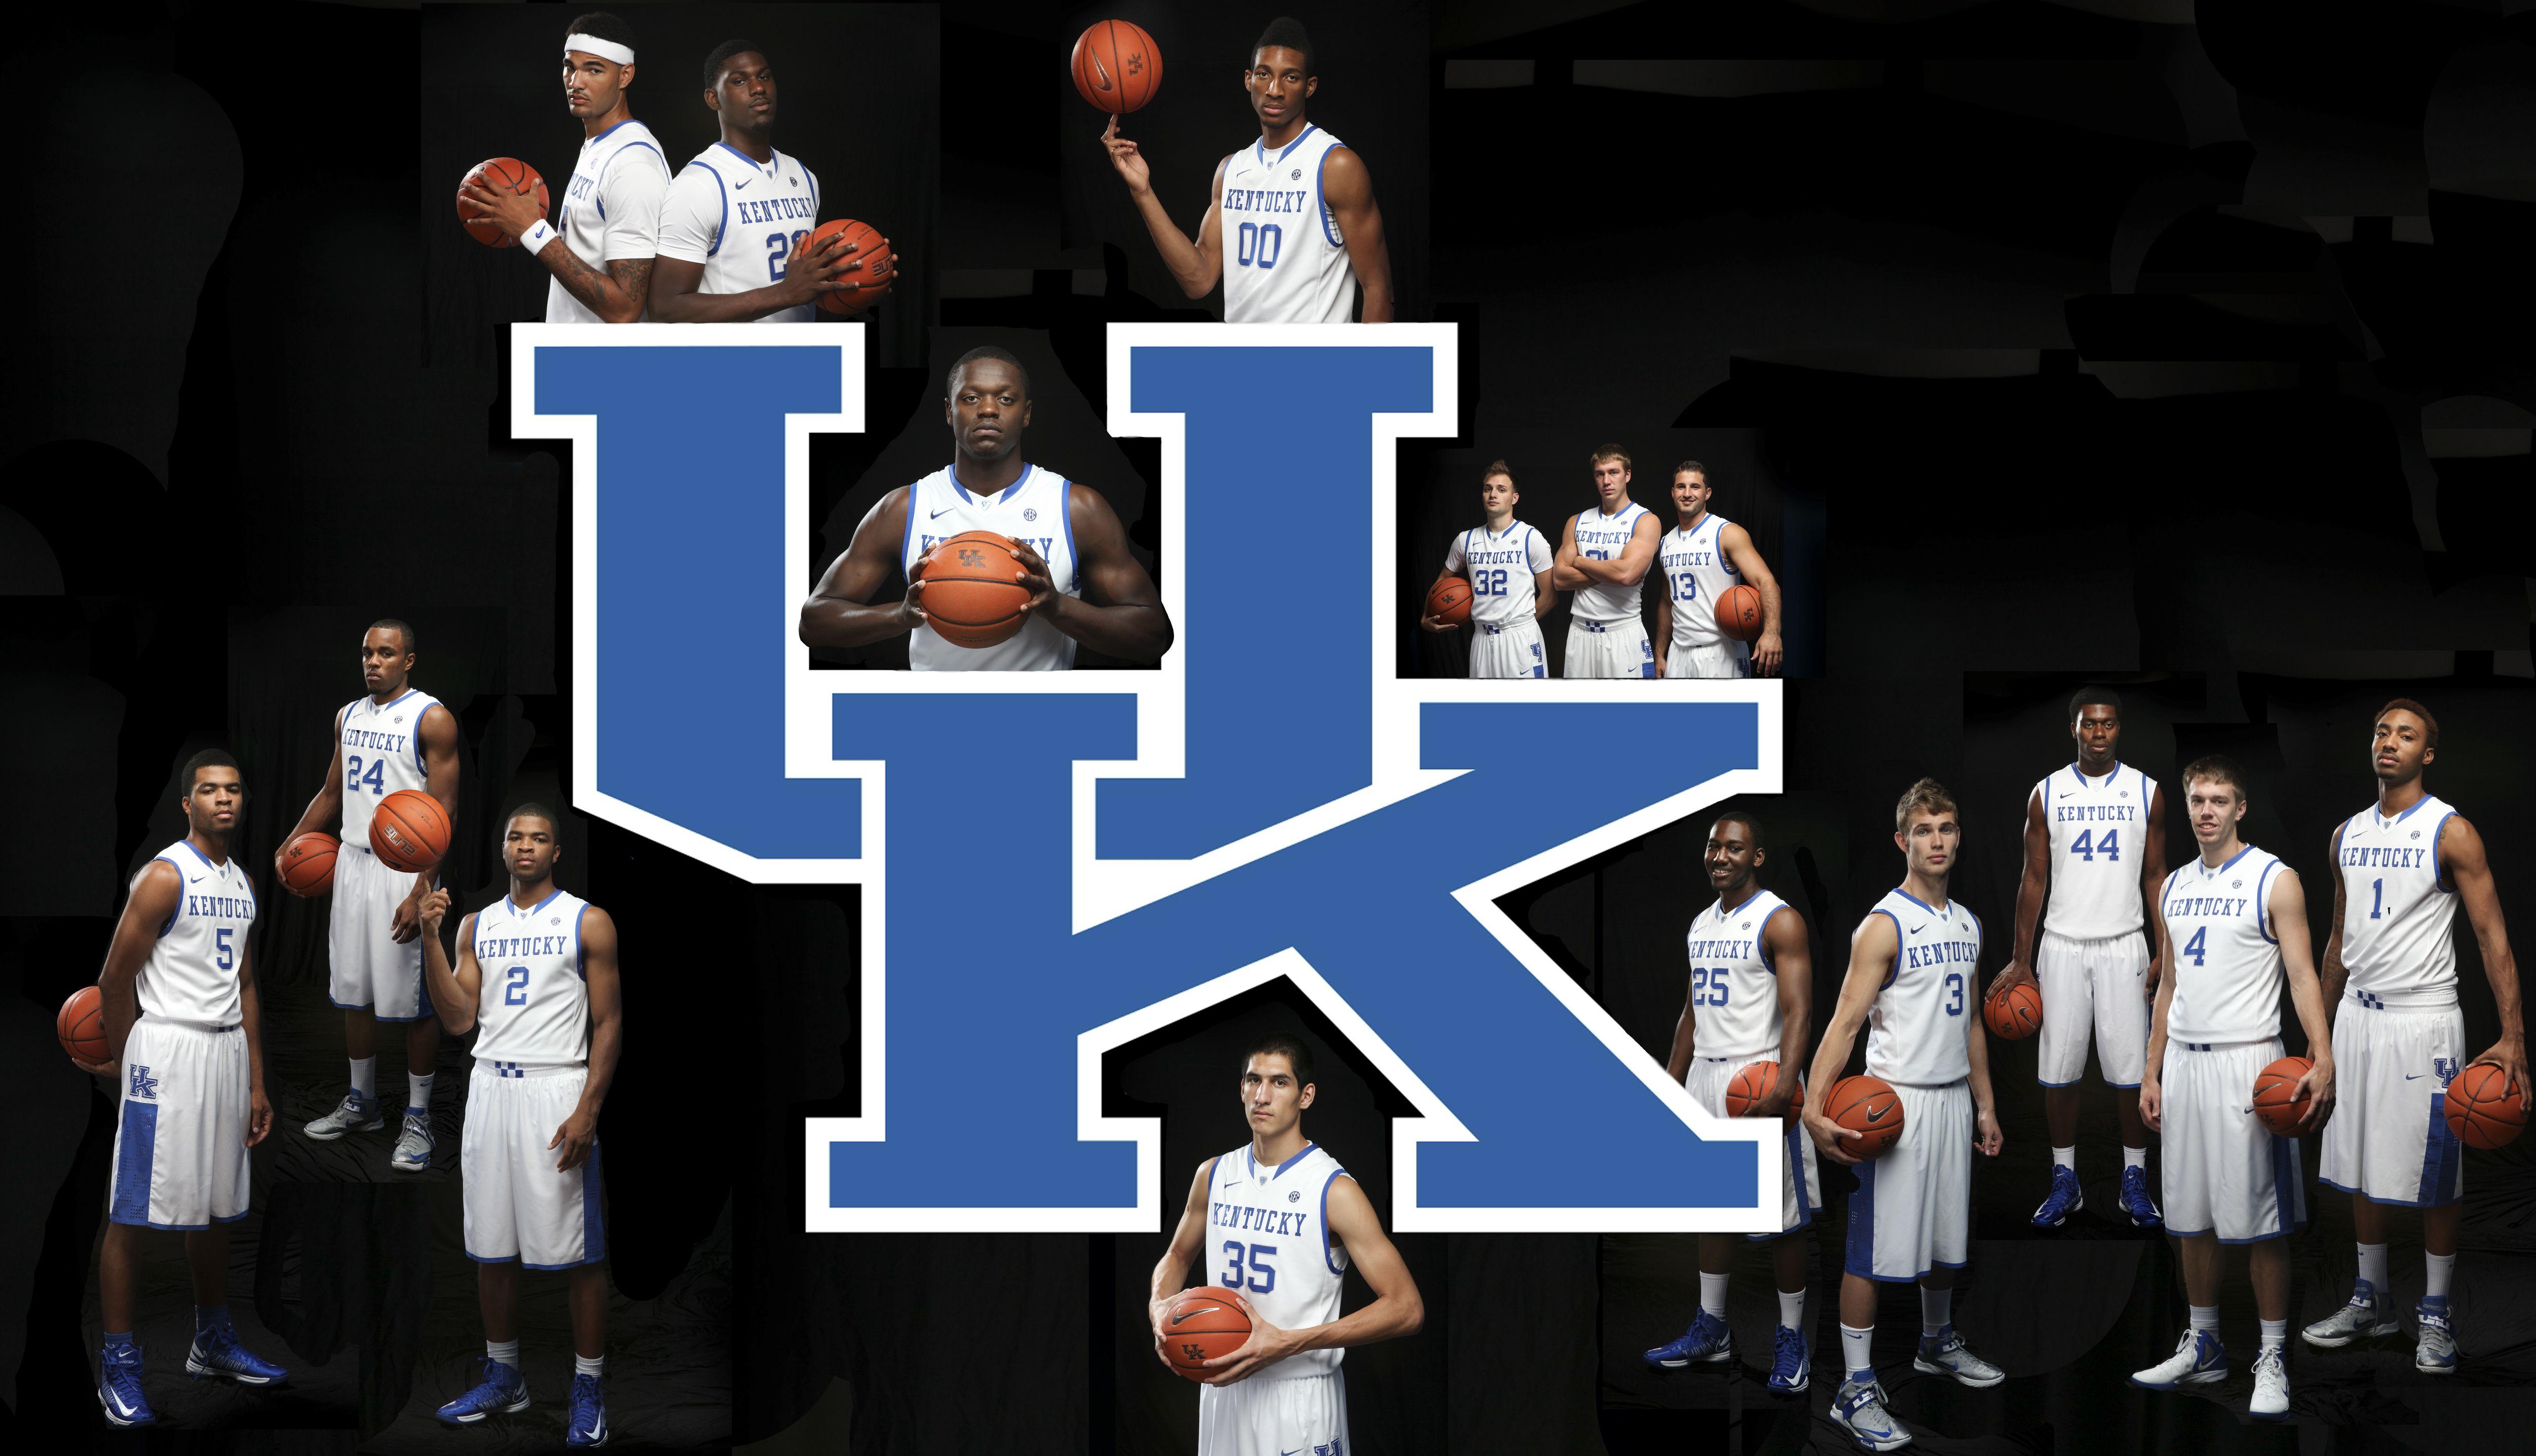 2013 2014 Kentucky Basketball Roster: Share